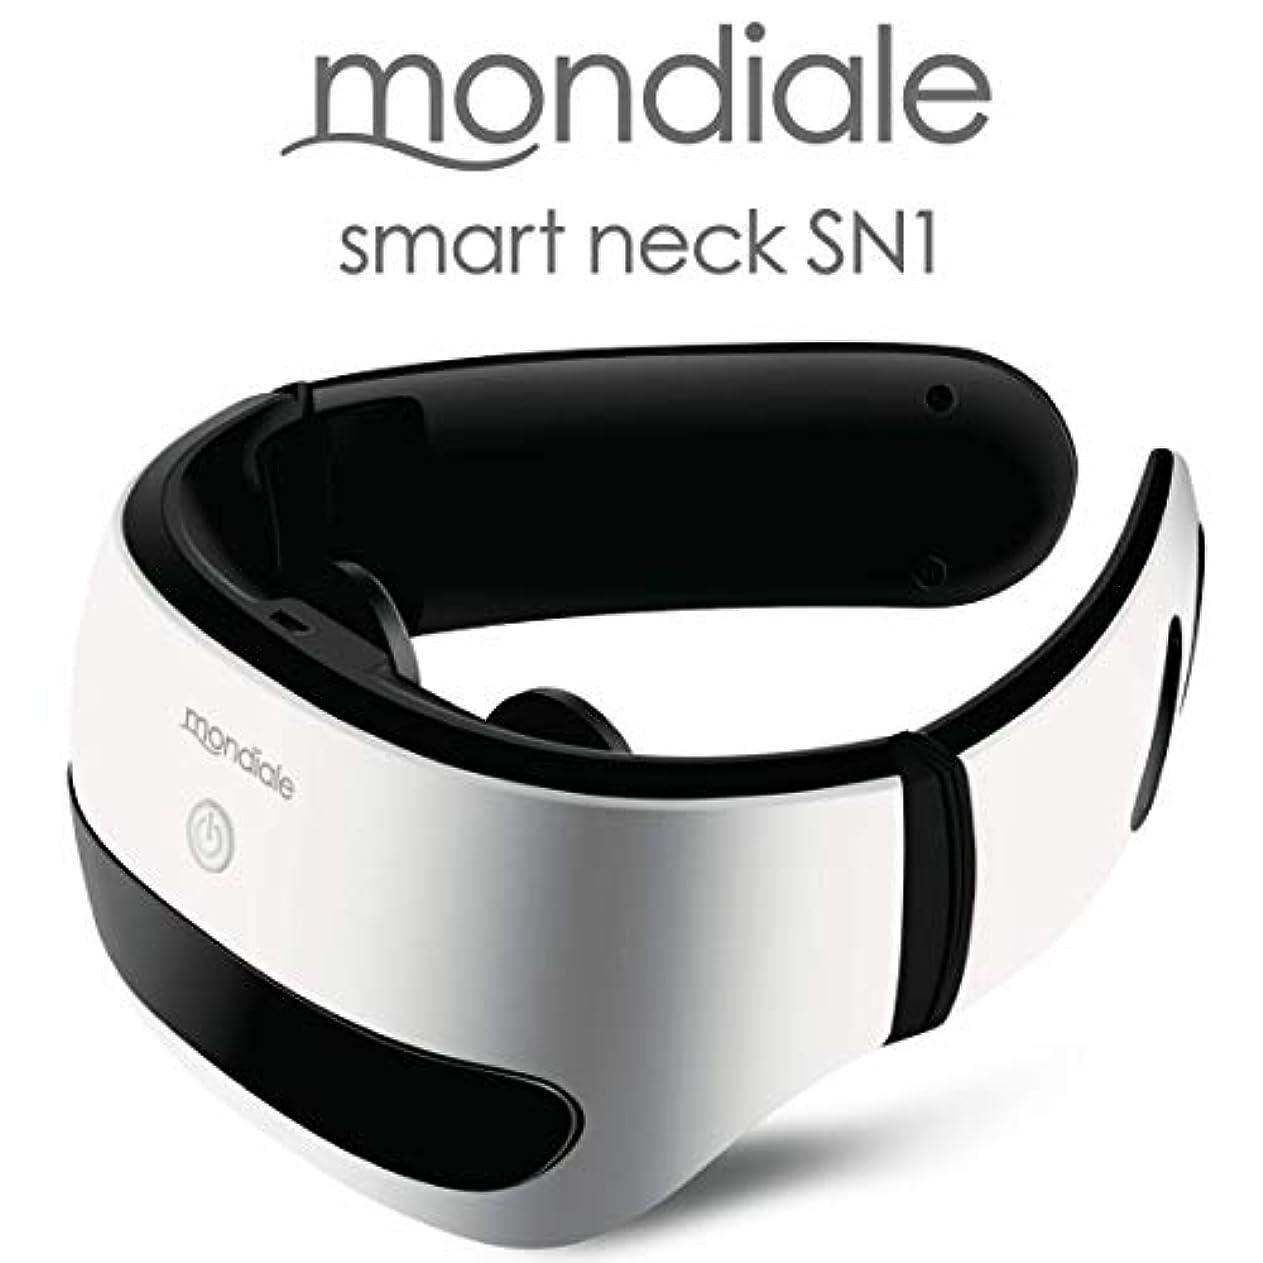 グリットパントリーテーブルモンデール スマートネック SN1 mondiale smart neck SN1